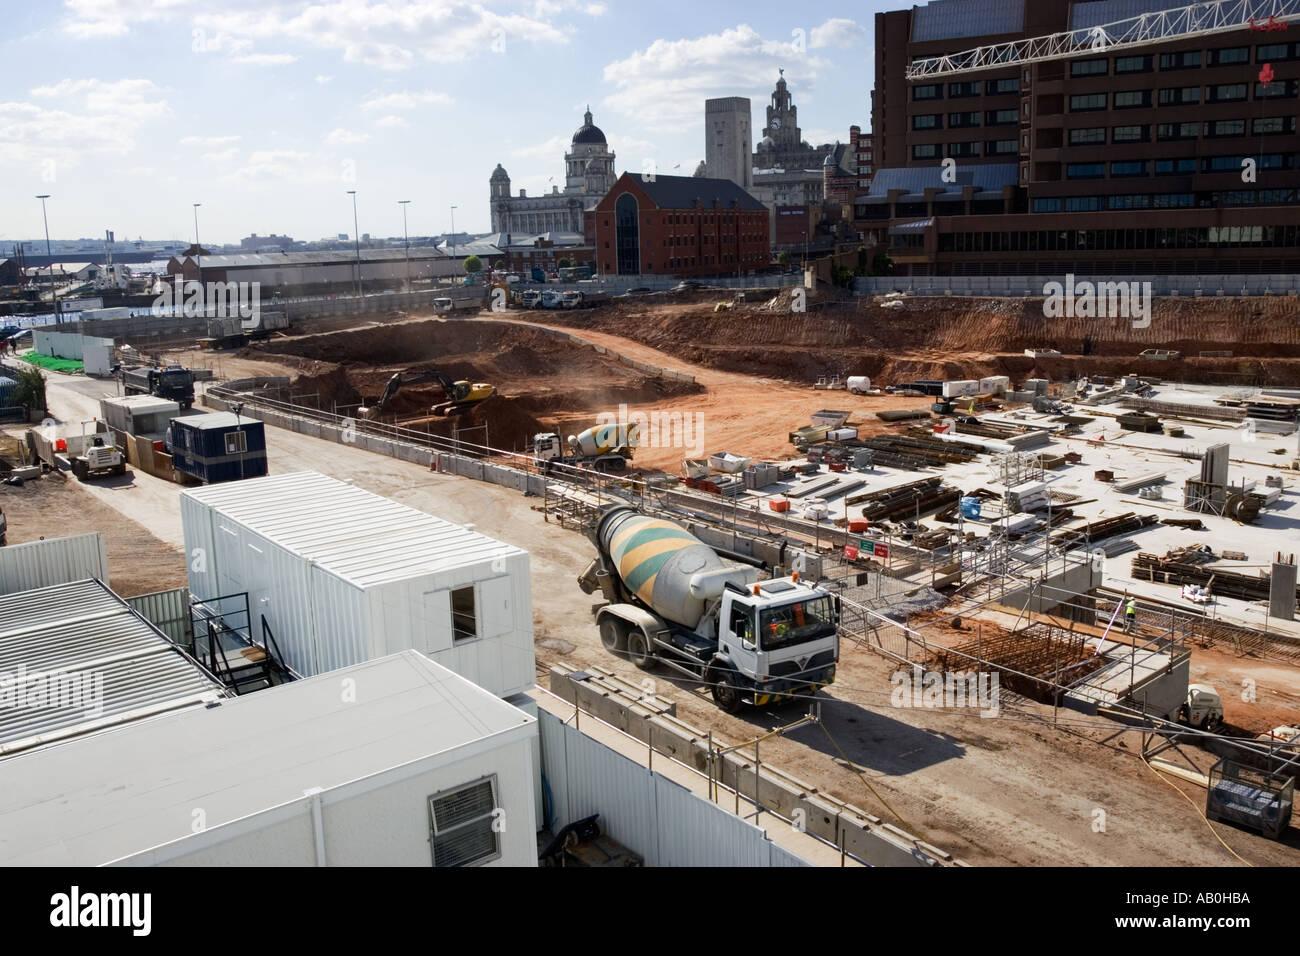 Sitio de construcción urbana - un proyecto de regeneración del centro de la ciudad, REINO UNIDO Imagen De Stock